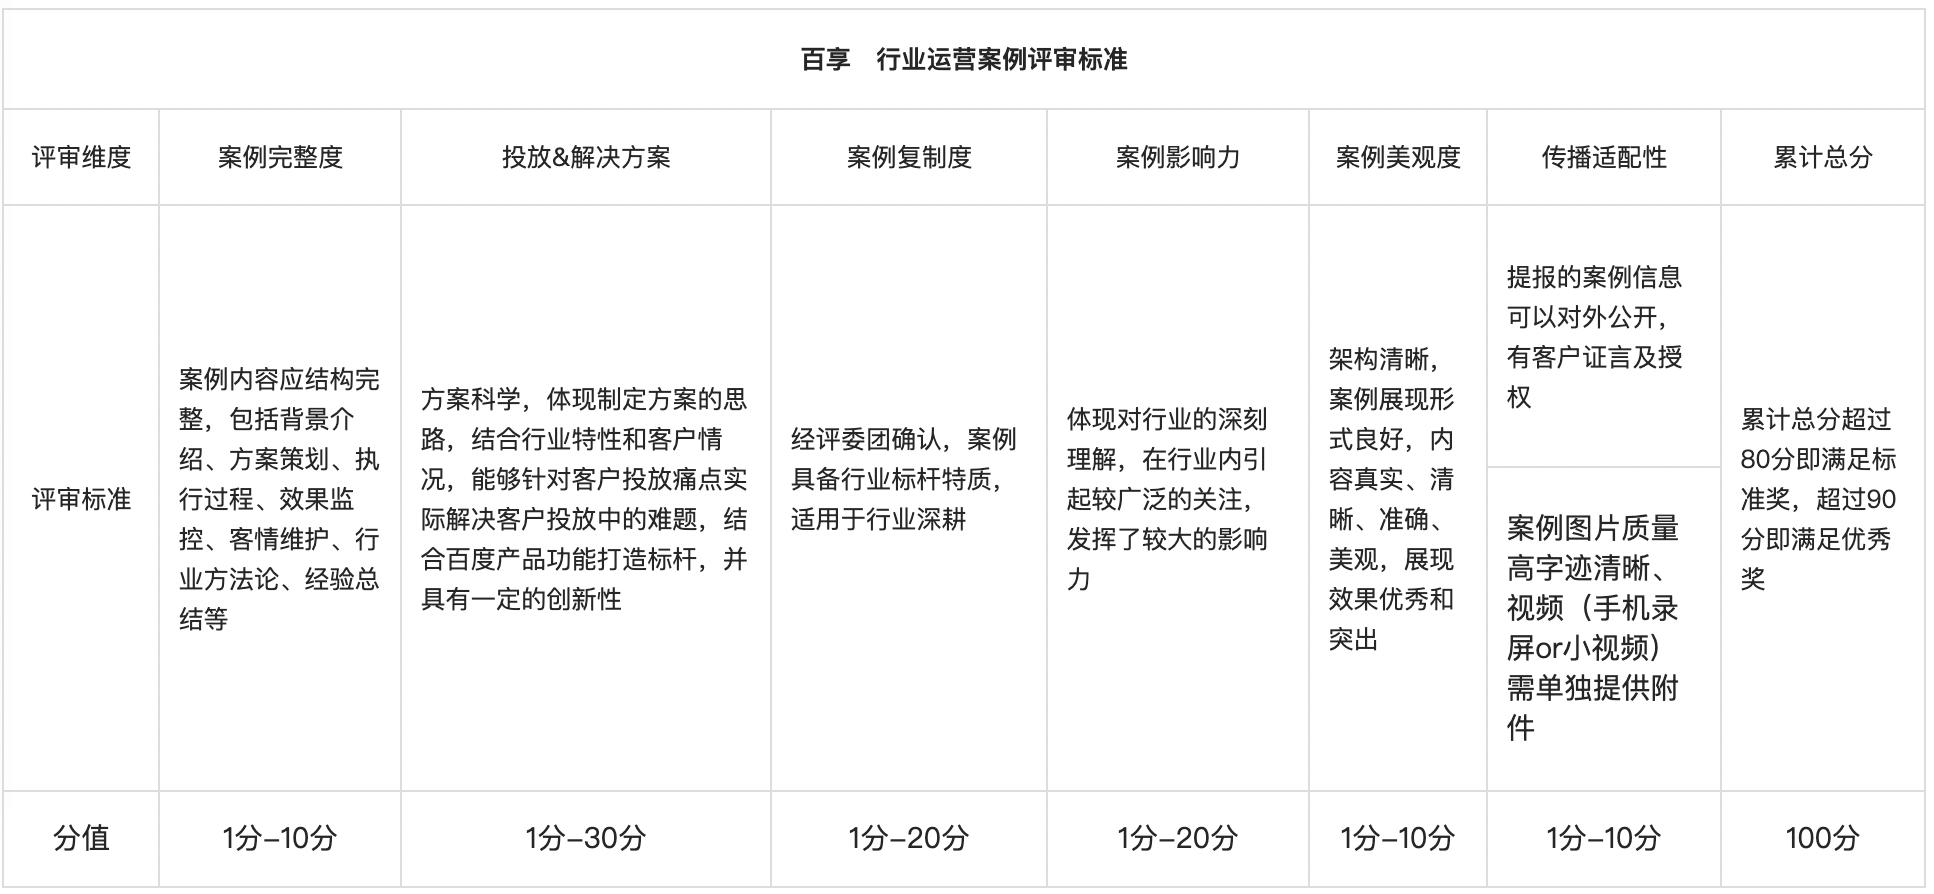 MacHi 2020-05-26 12-45-32.png